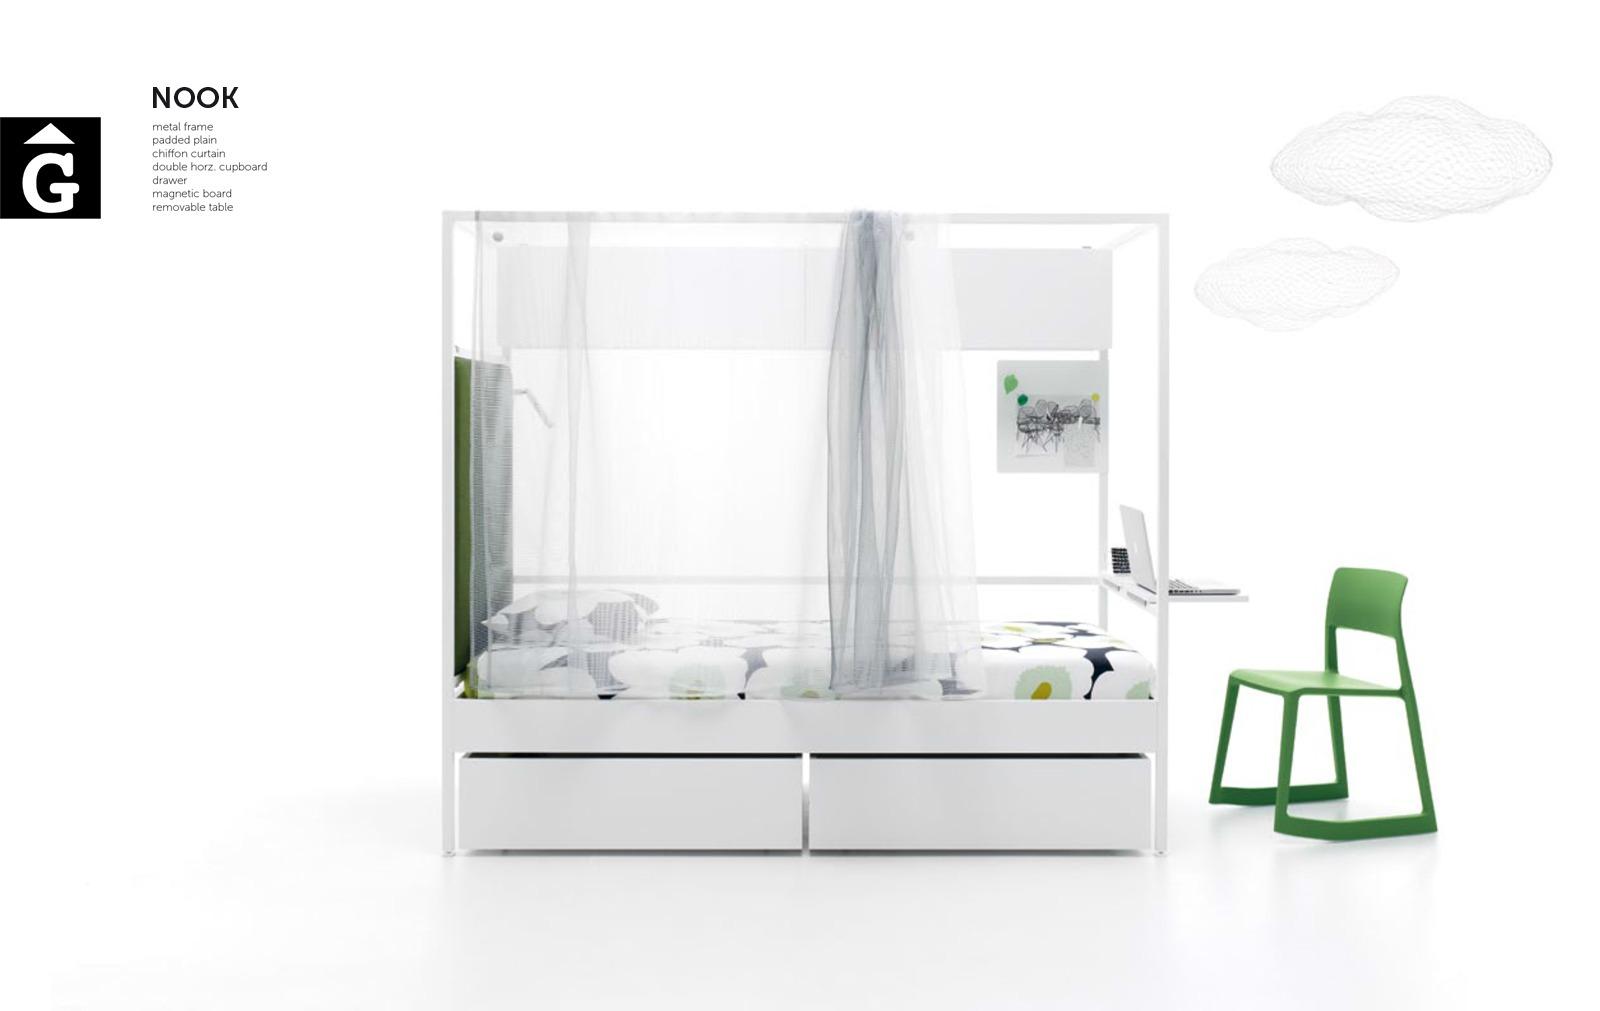 23-nook-llit-individual-singular-disseny-carlos-tiscar-para-muebles-jjp-presentat-per-mobles-gifreu-distribuidor-oficial